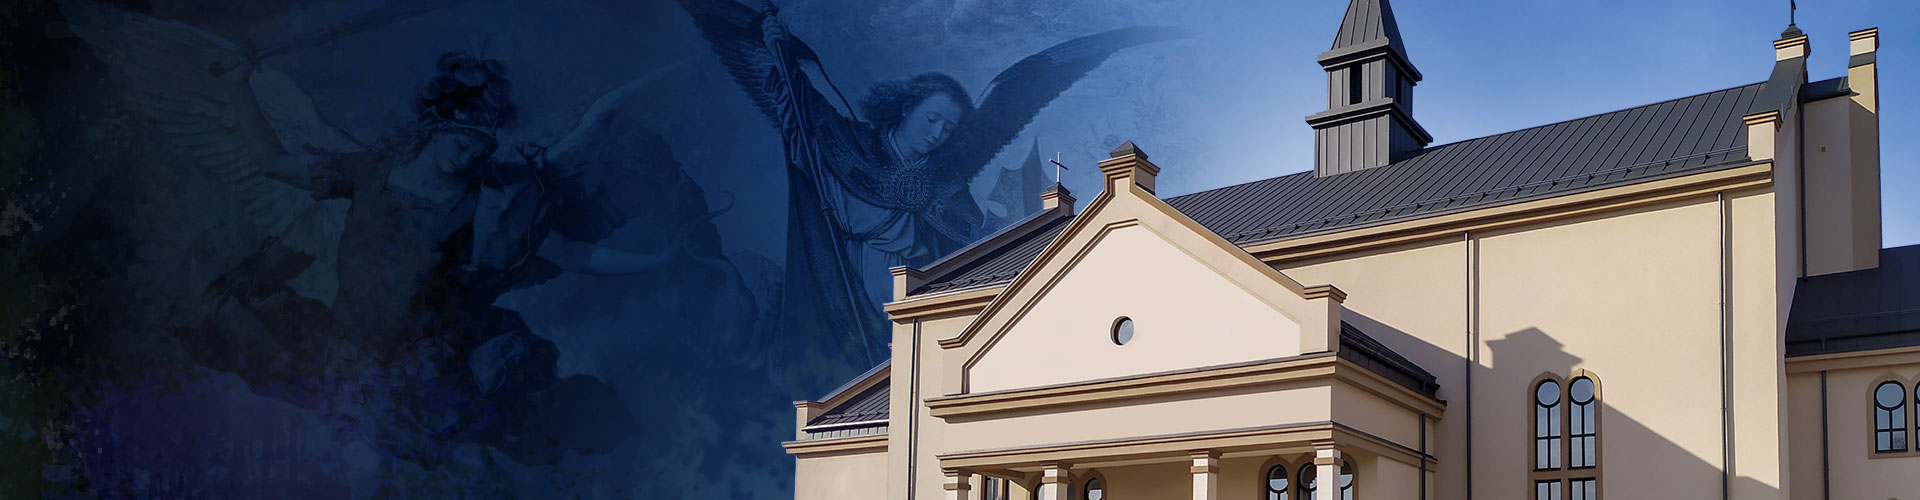 Parafia św. Michała Archanioła w Mińsku Mazowieckim